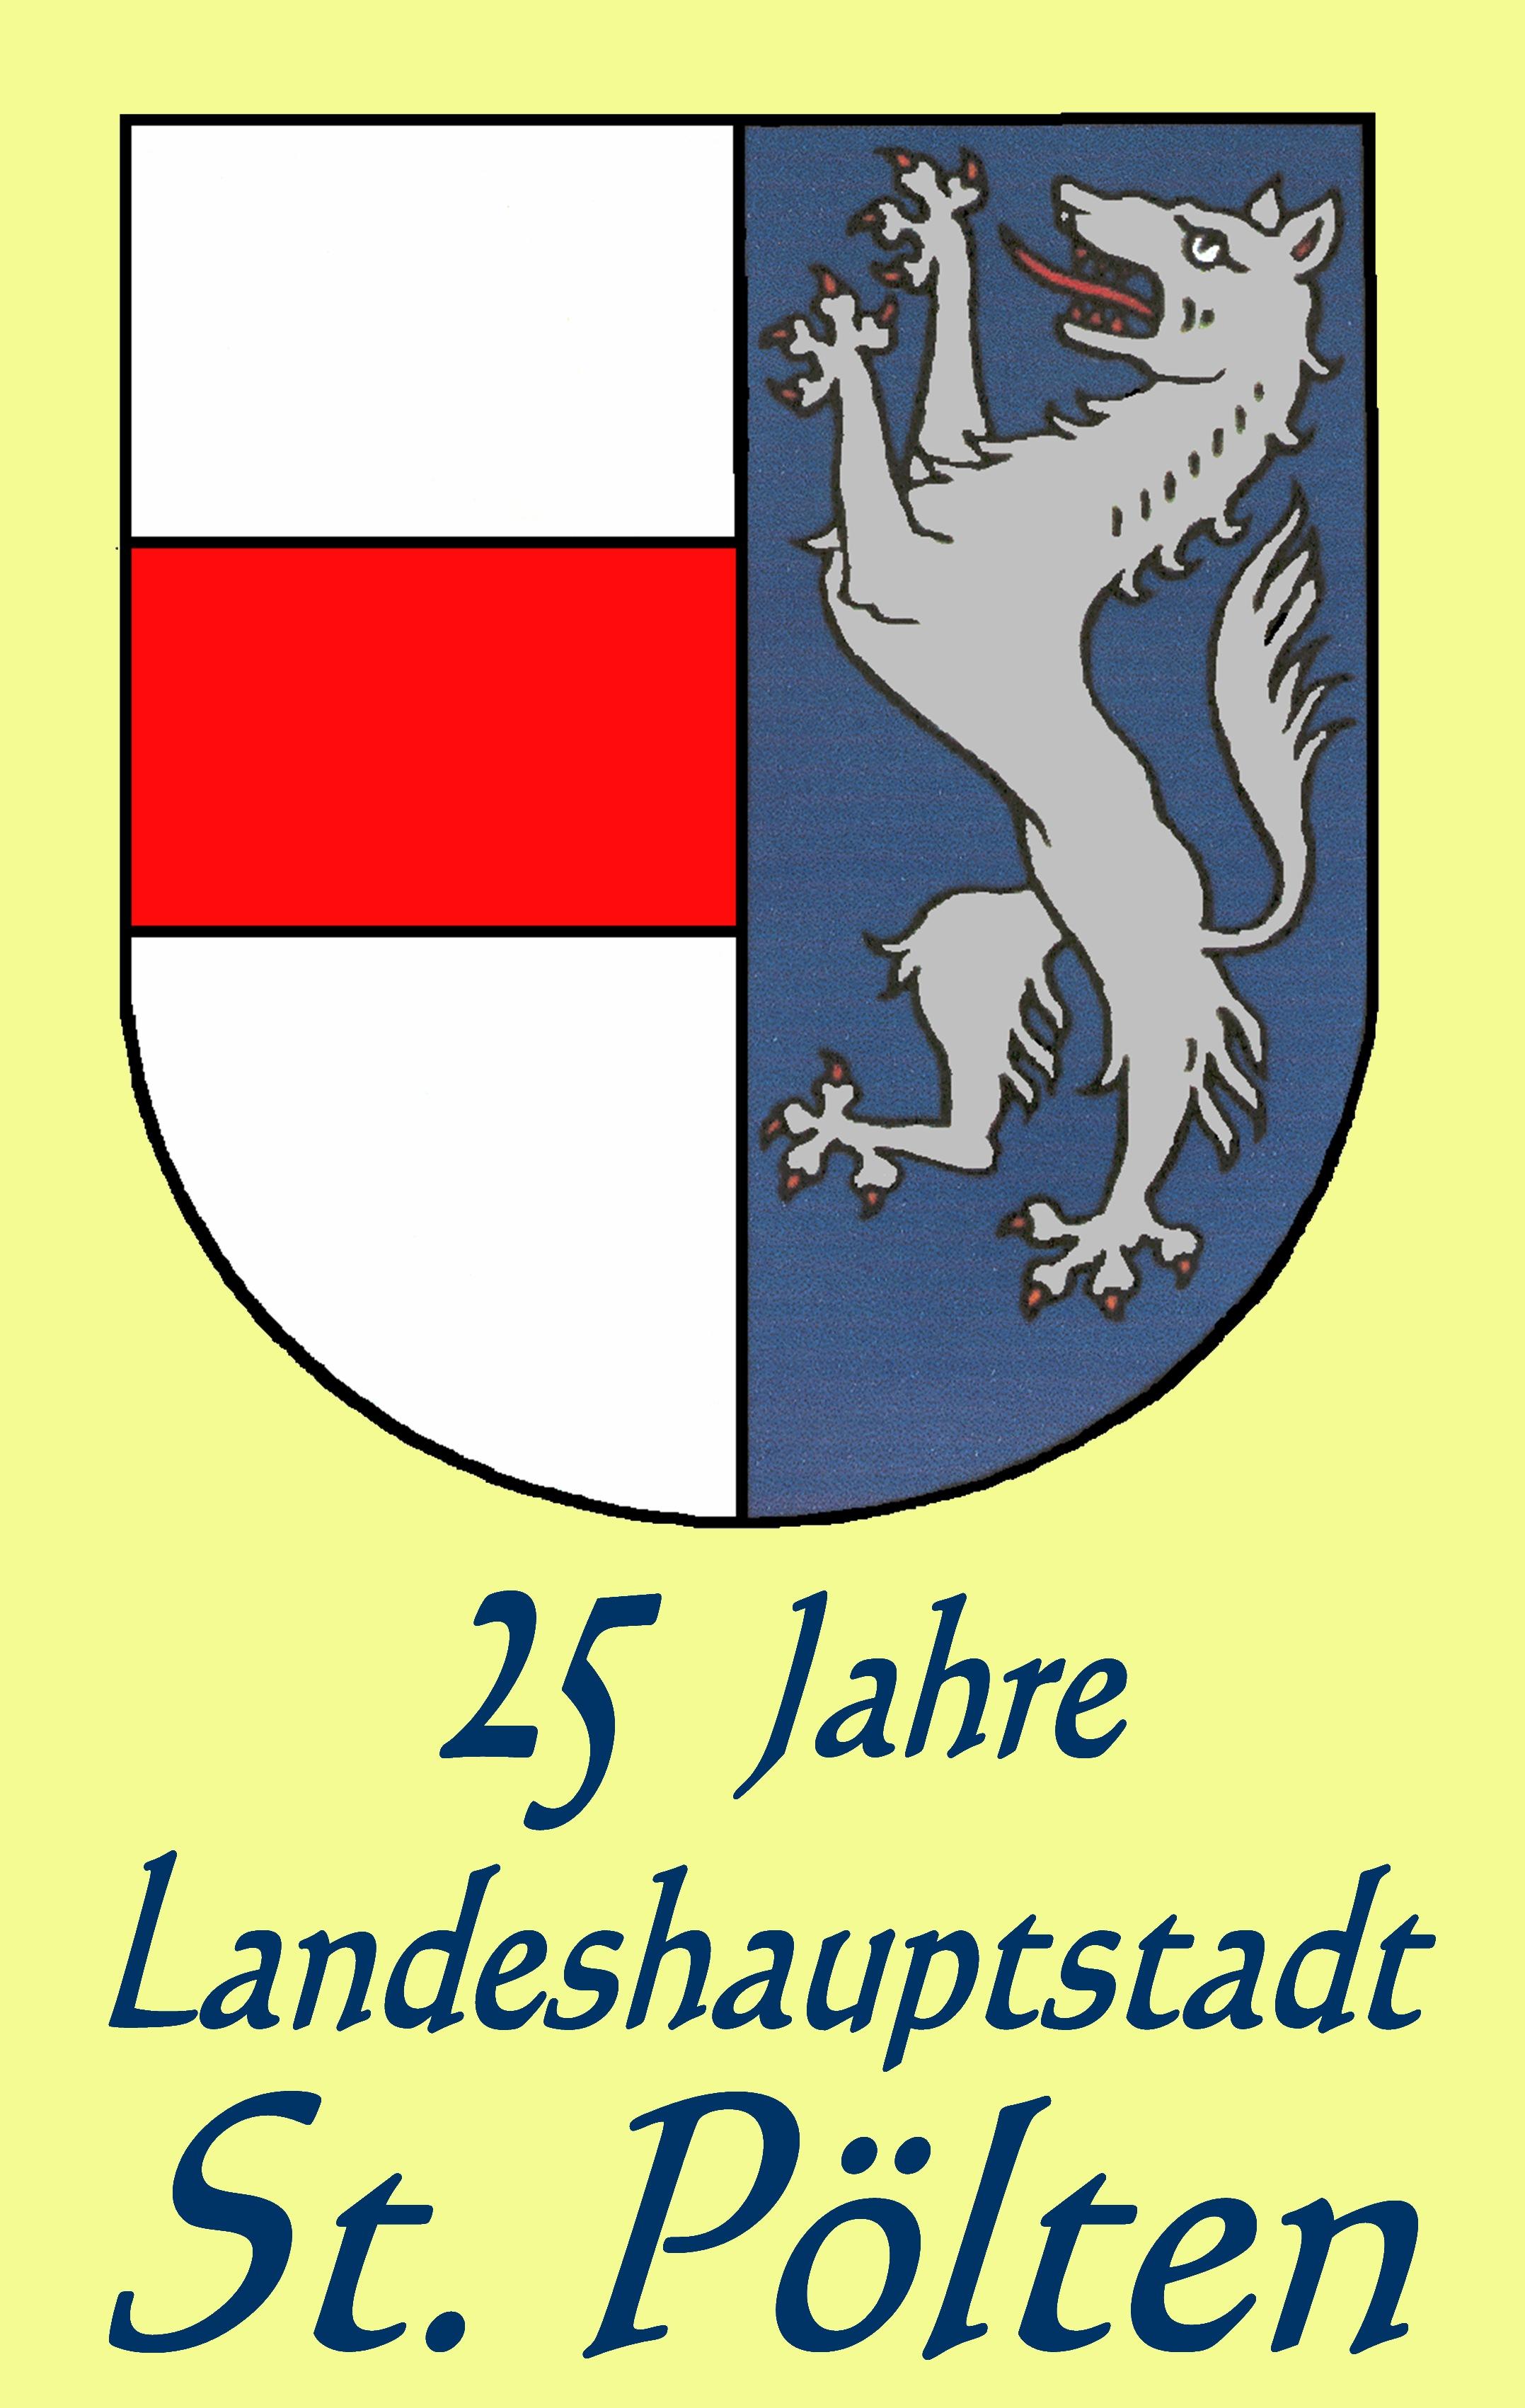 25 Jahre LH 1 2011 Gegenwart